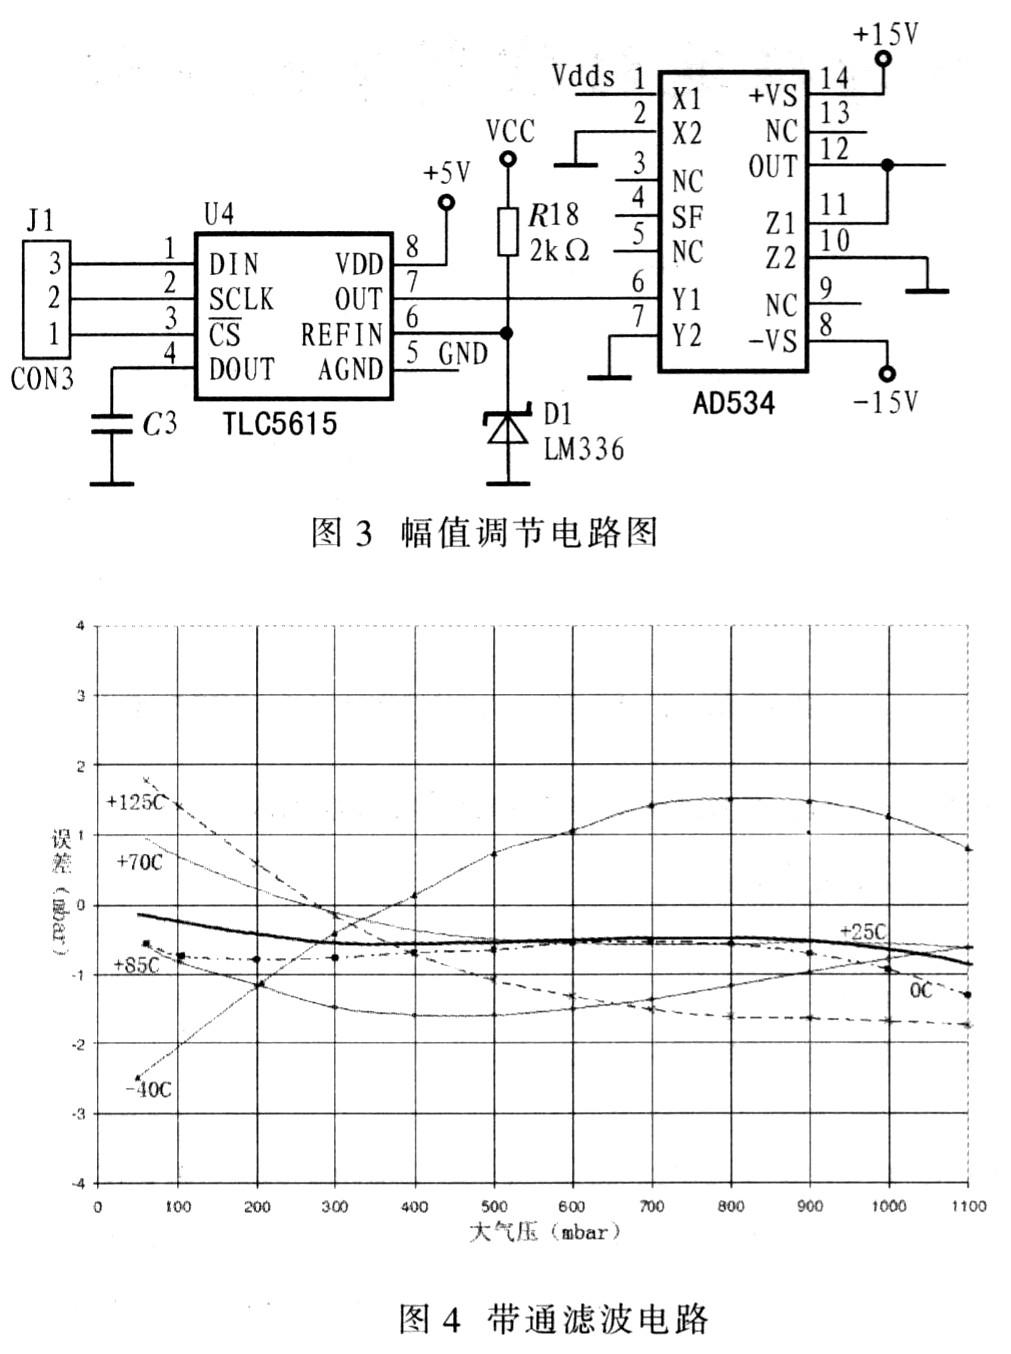 功能,微处理器控制D/A转换器TLC5615,从而控制乘法器AD534,实现正弦信号幅值的可调性。系统硬件电路设计由单片机系统控制电路、正弦信号发生器功能电路、幅值调制电路、滤波电路和功率放大电路等组成。系统结构框图如图1所示。    3 功能模块设计   3.1 信号发生模块   采用ADI公司的DDS器件AD9850,单片机作为控制器实现频率合成与控制。AD9850内部集成有1个32位相位累加器,1个正弦查询表和1个10位高速数模转换器,相位累加器是核心。该器件的最高时钟参考频率为125 MHz,最低